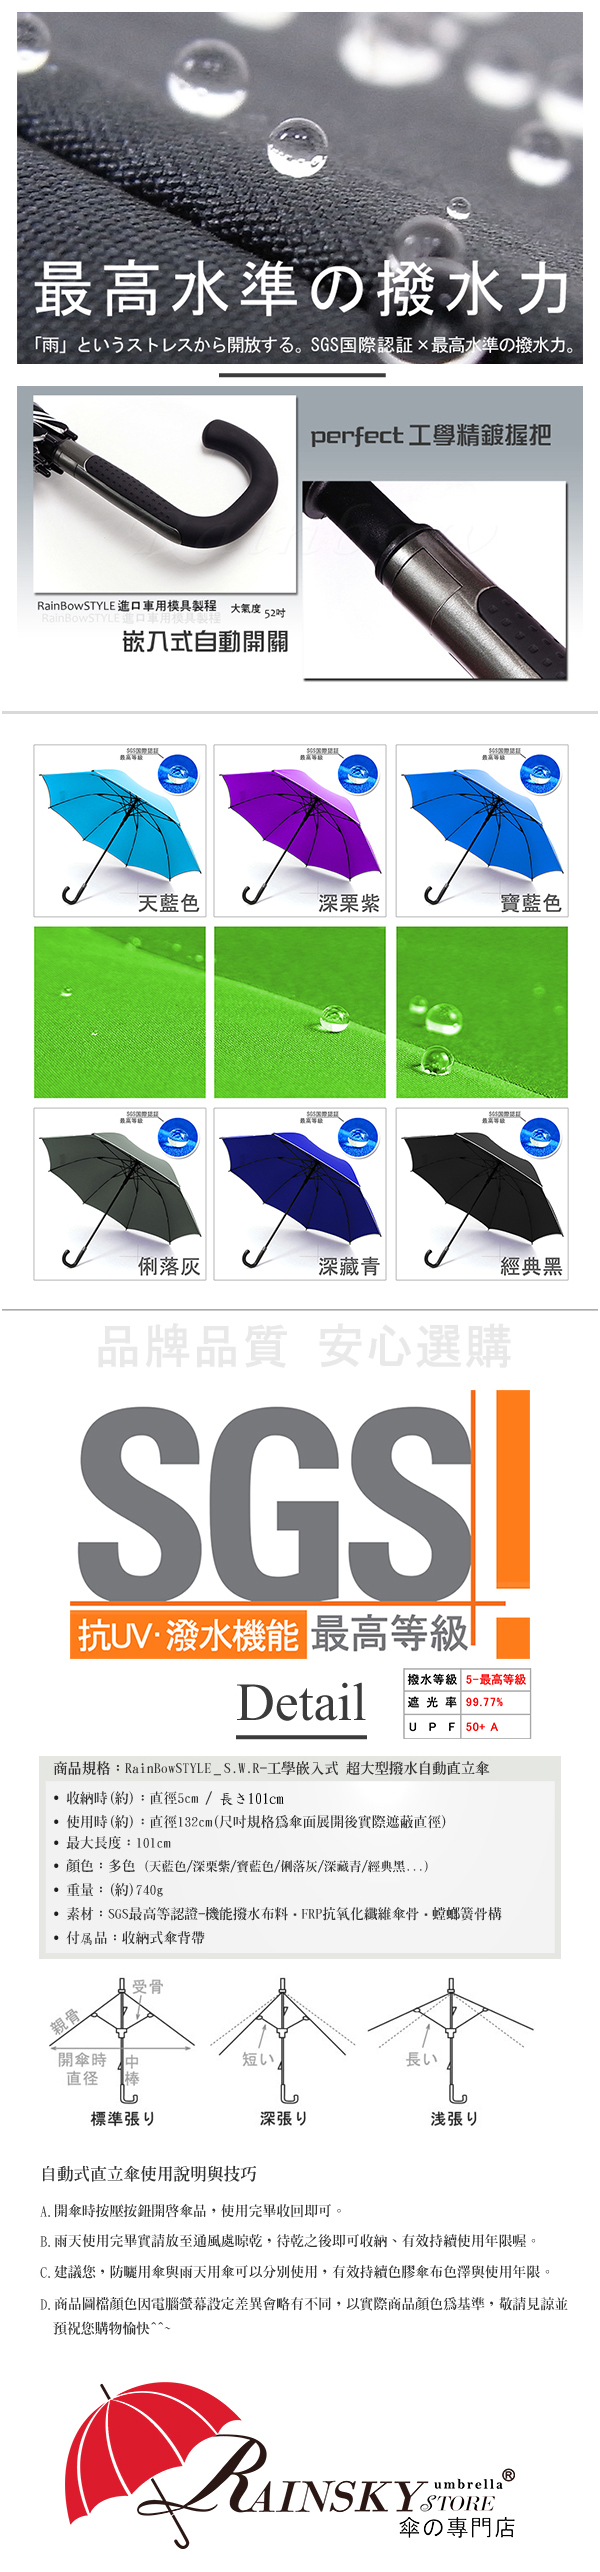 雨傘大傘自動傘防風傘抗UV傘陽傘洋傘抗風傘防潑水傘超撥水傘快乾傘速乾傘不濕傘不沾傘